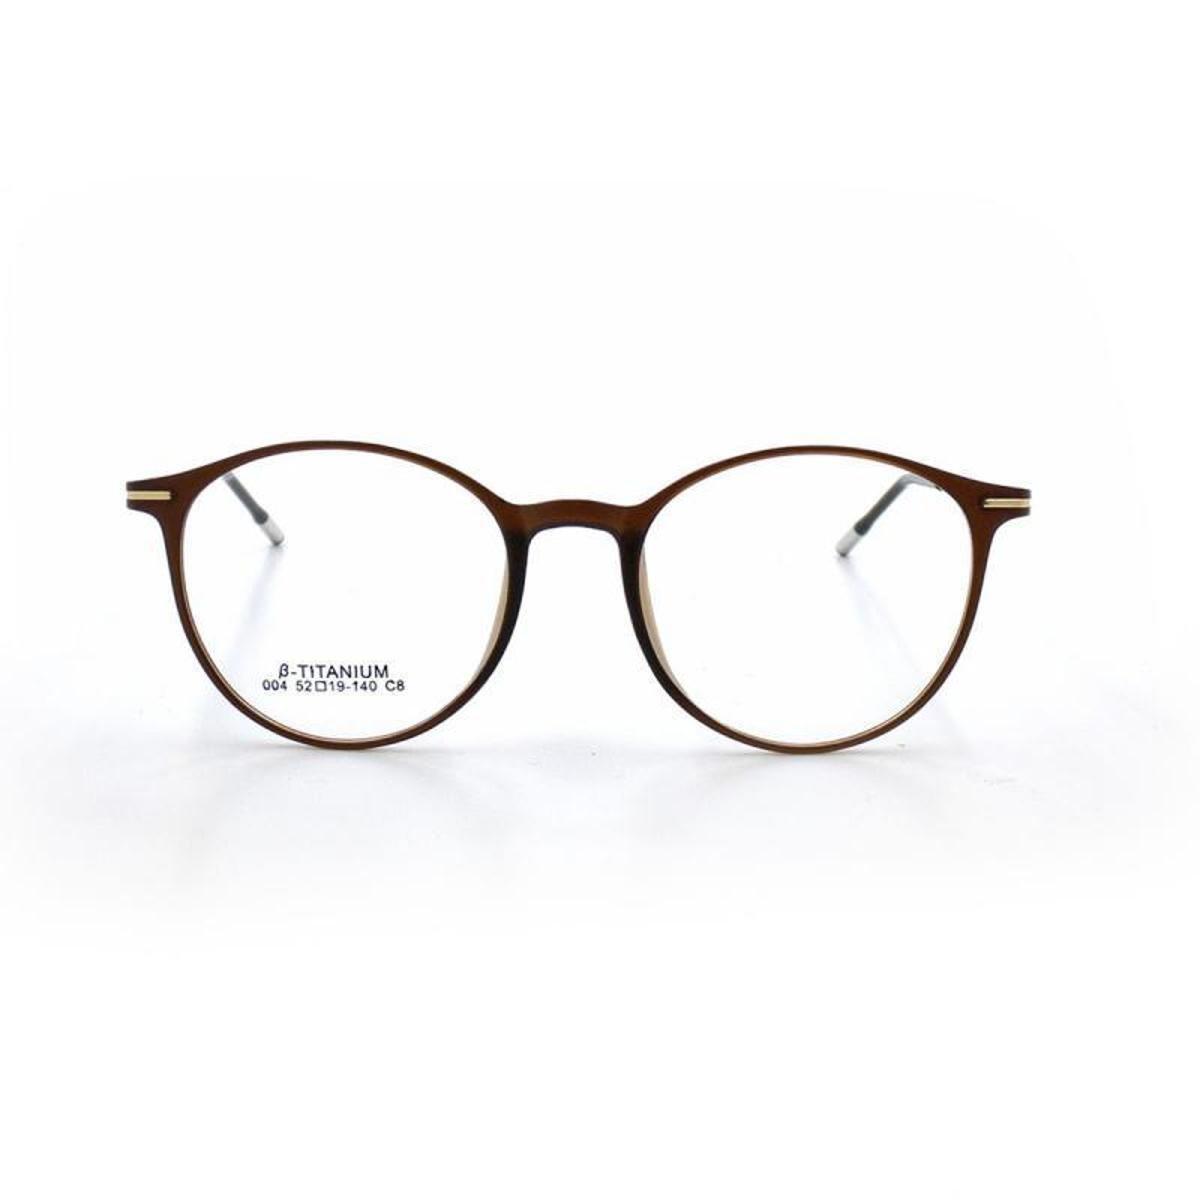 886ffa738af6c Armação De Óculos De Grau Cannes 004 T 52 C 8 Round Masculino ...